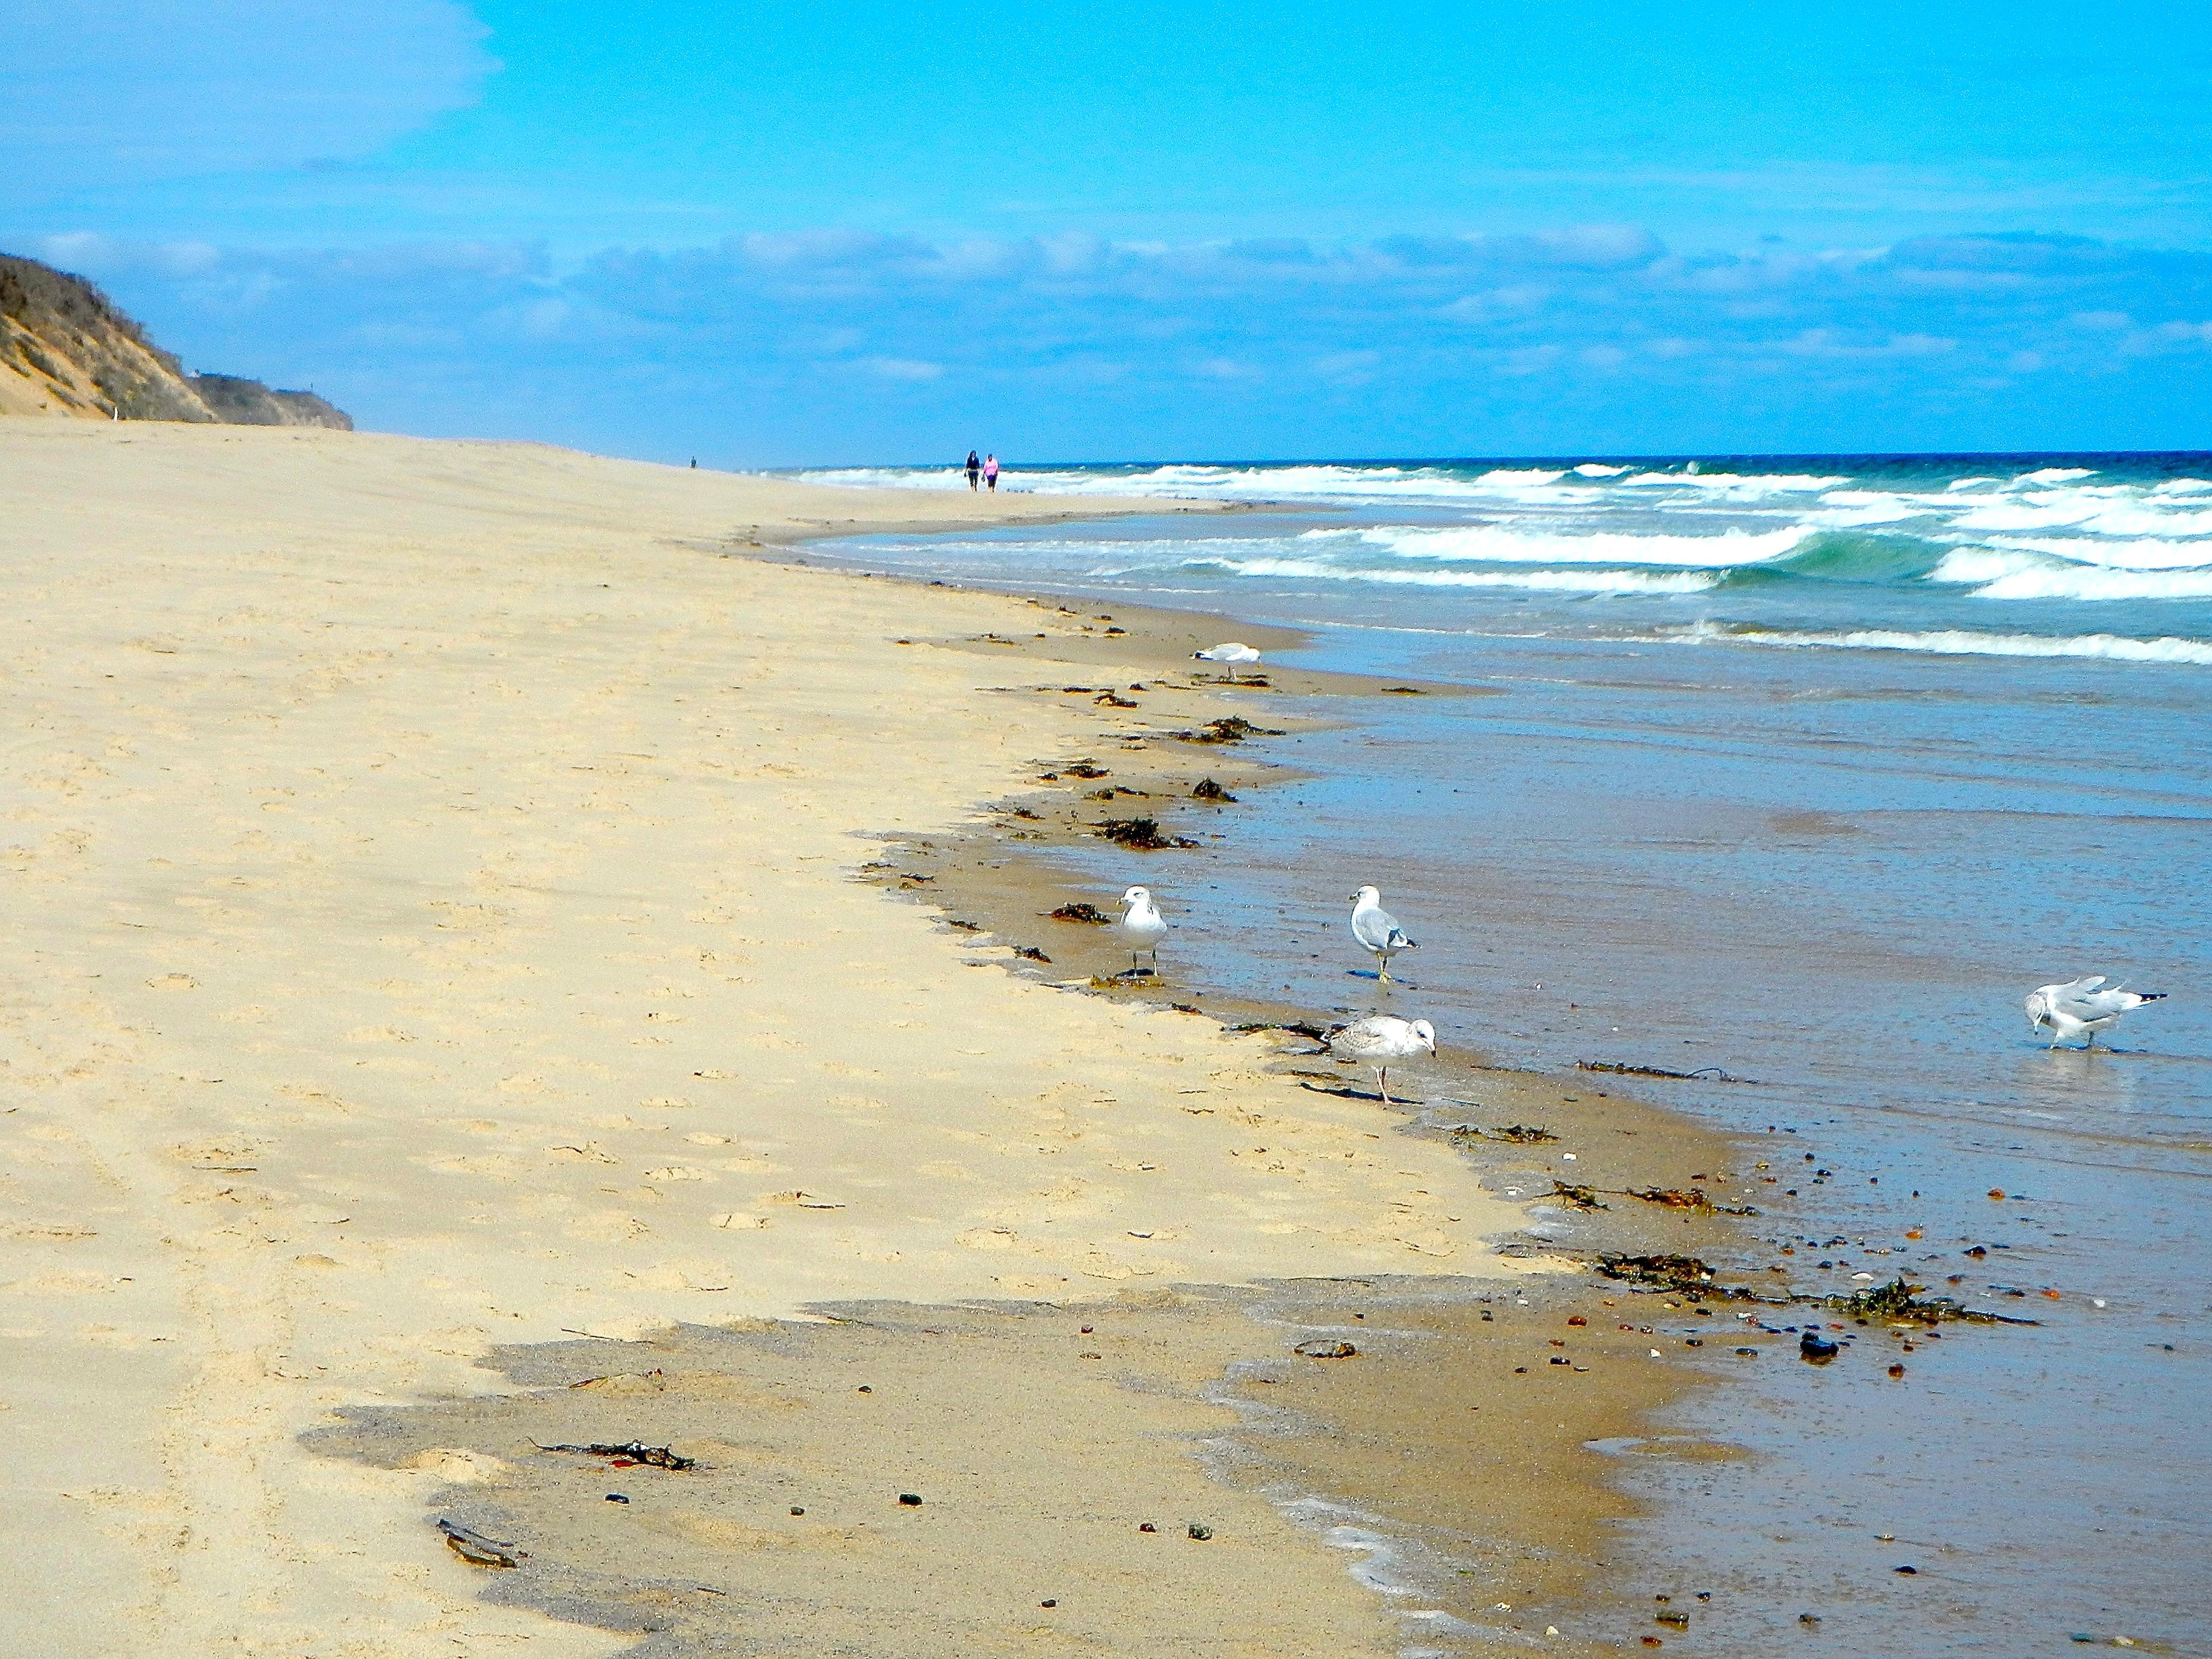 Seagulls along Cape Cod National Seashore